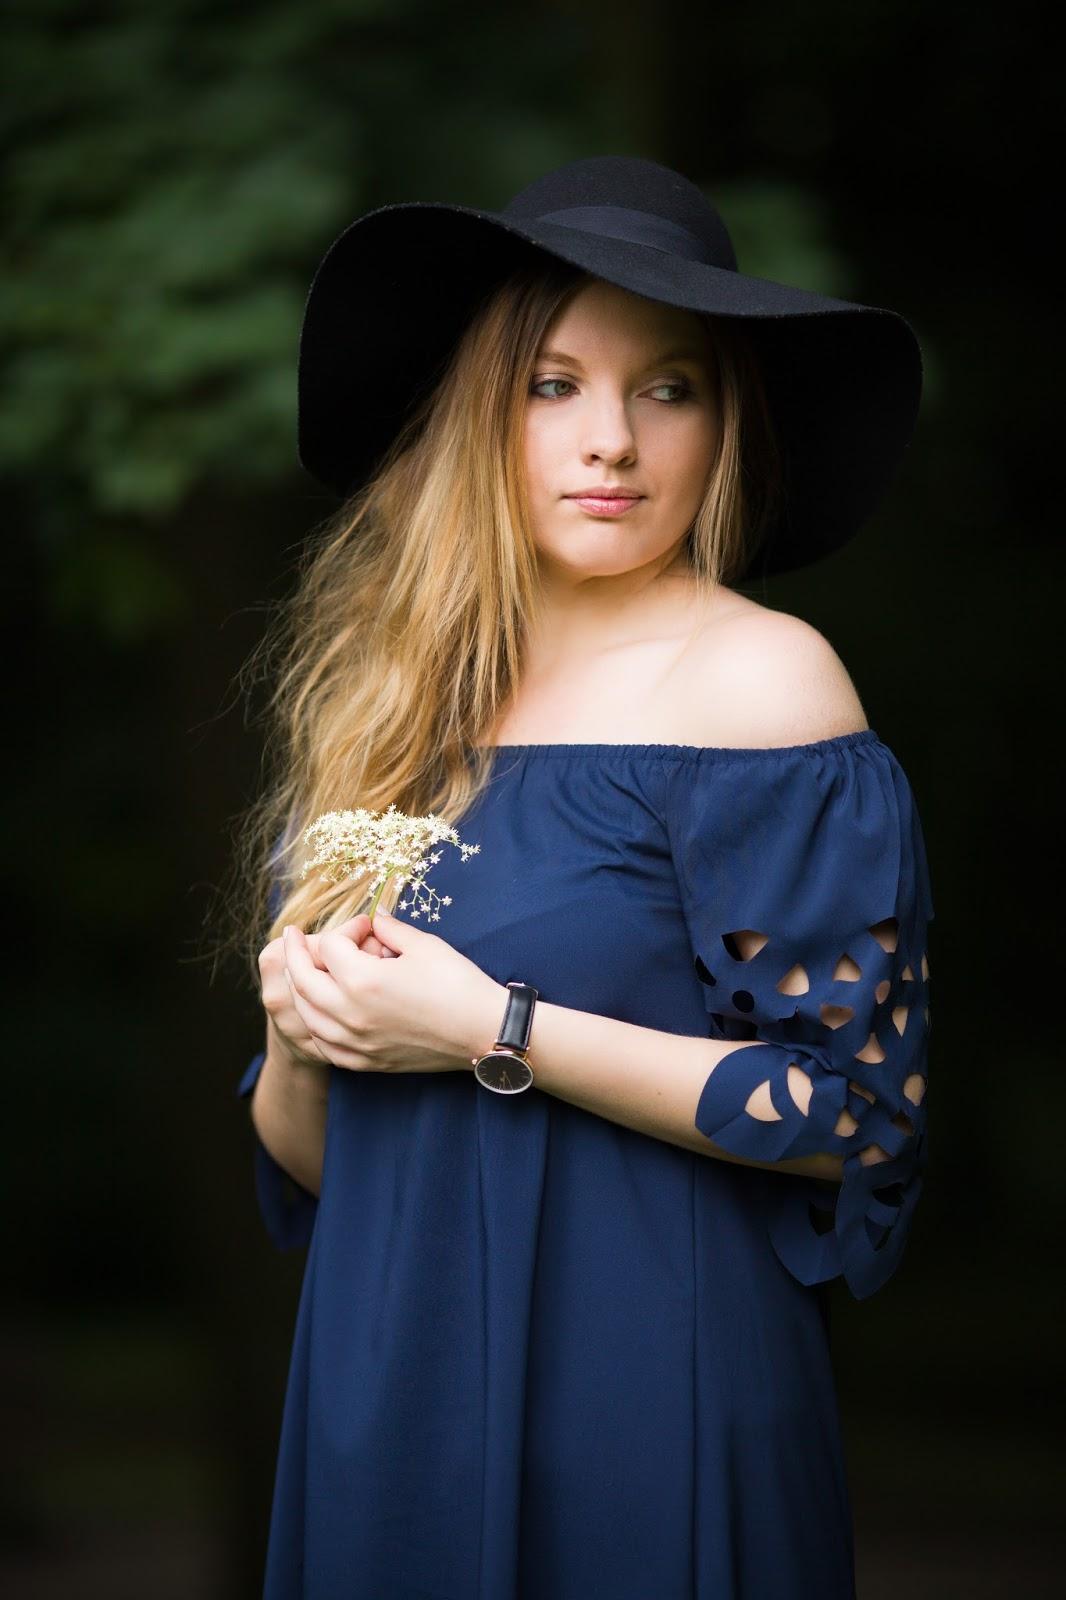 13 Off The Shoulder Flared Dress zaful paul rich watch hat sukienka zaful opinie recenzja buty łuków ażurowa hiszpanka granatowa baletki zegarek ootd lookbook fashionblogger blog modowy lifestyle